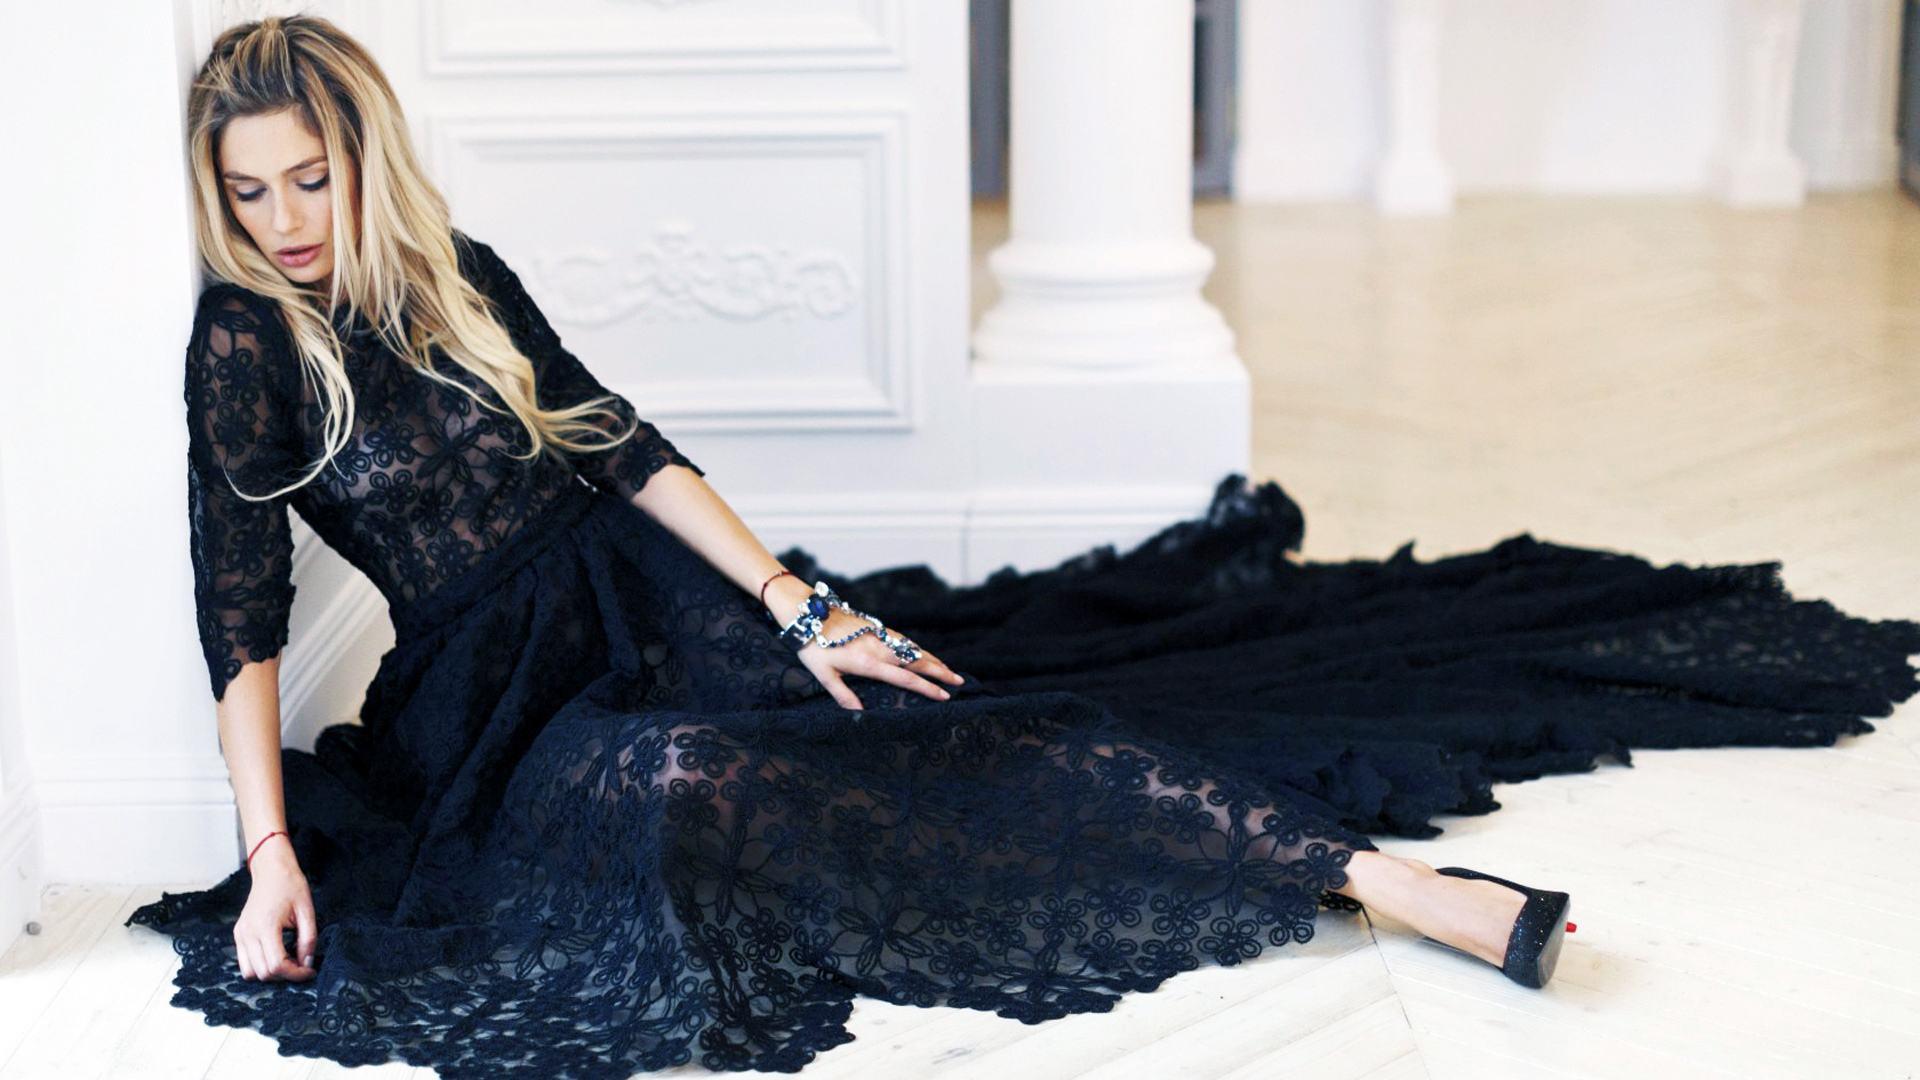 3dee5e82468 ... то черное платье с кружевом смело может служить ему достойной заменой.  Предлагаем вашему вниманию самые изысканные и неповторимые модели черных  платьев ...